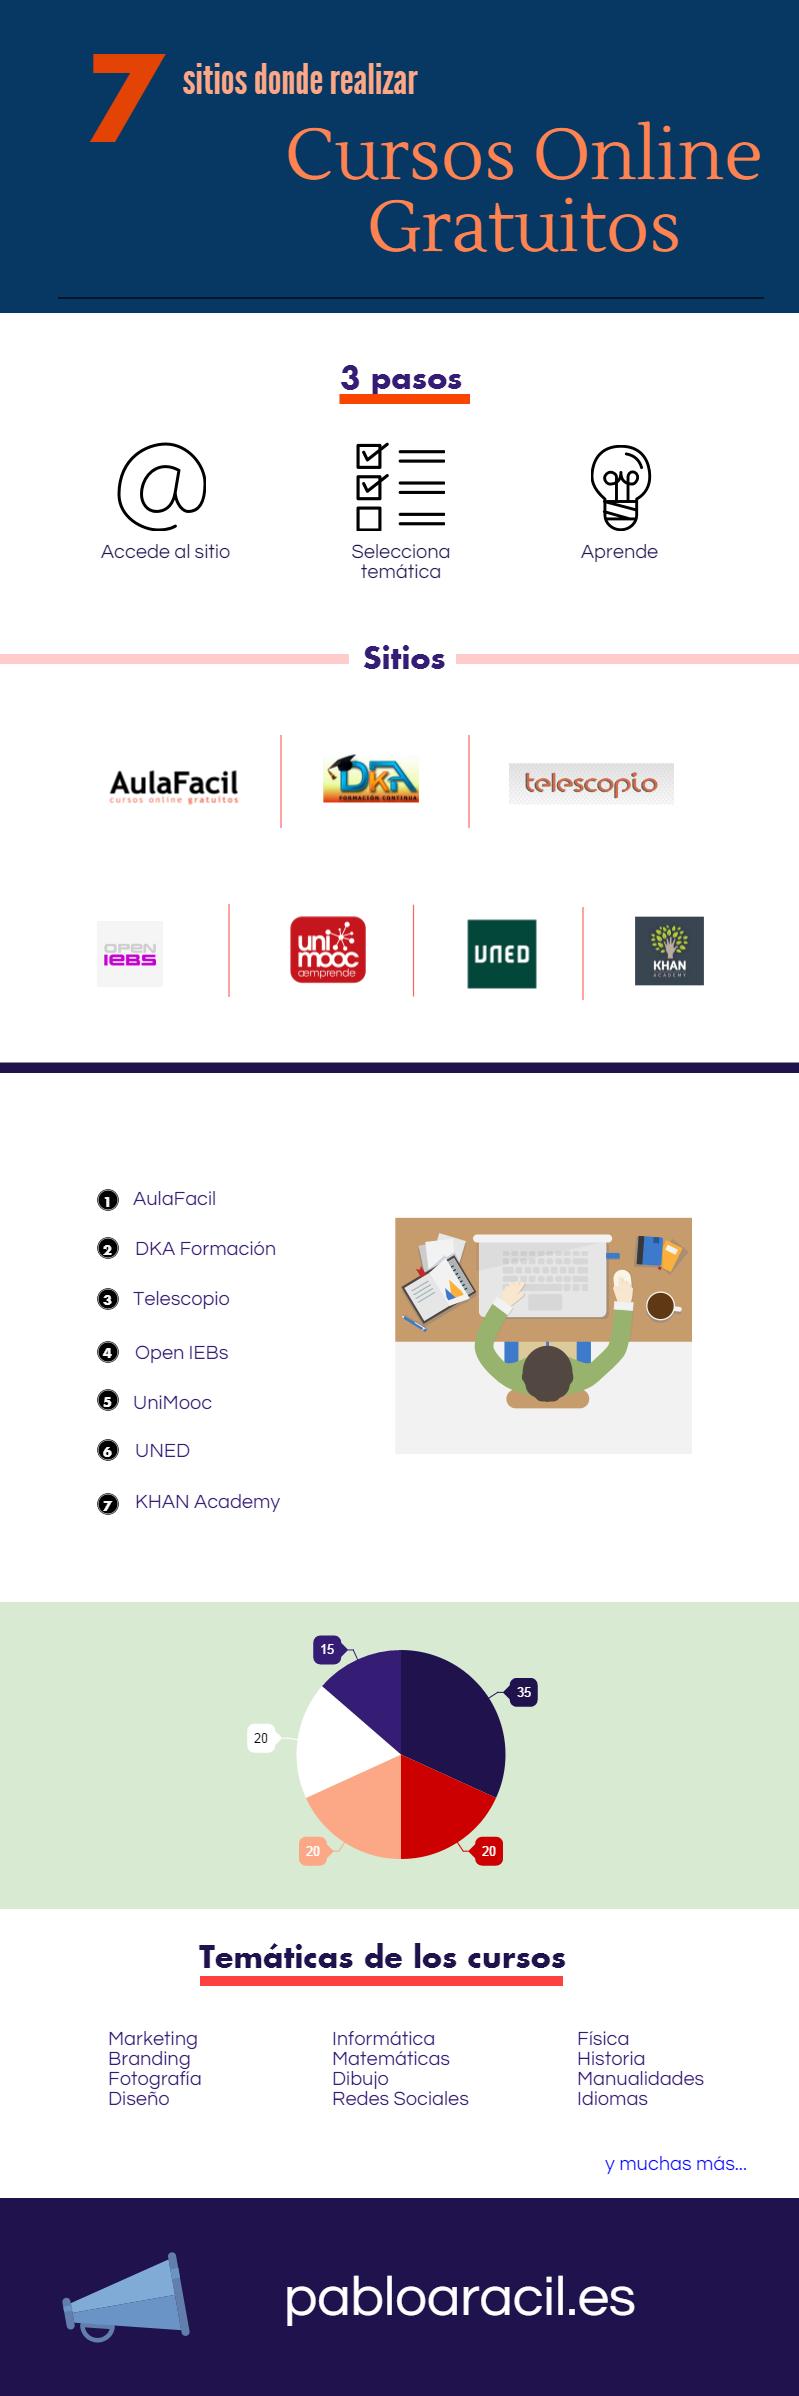 cursos-online-gratuitos-infografia